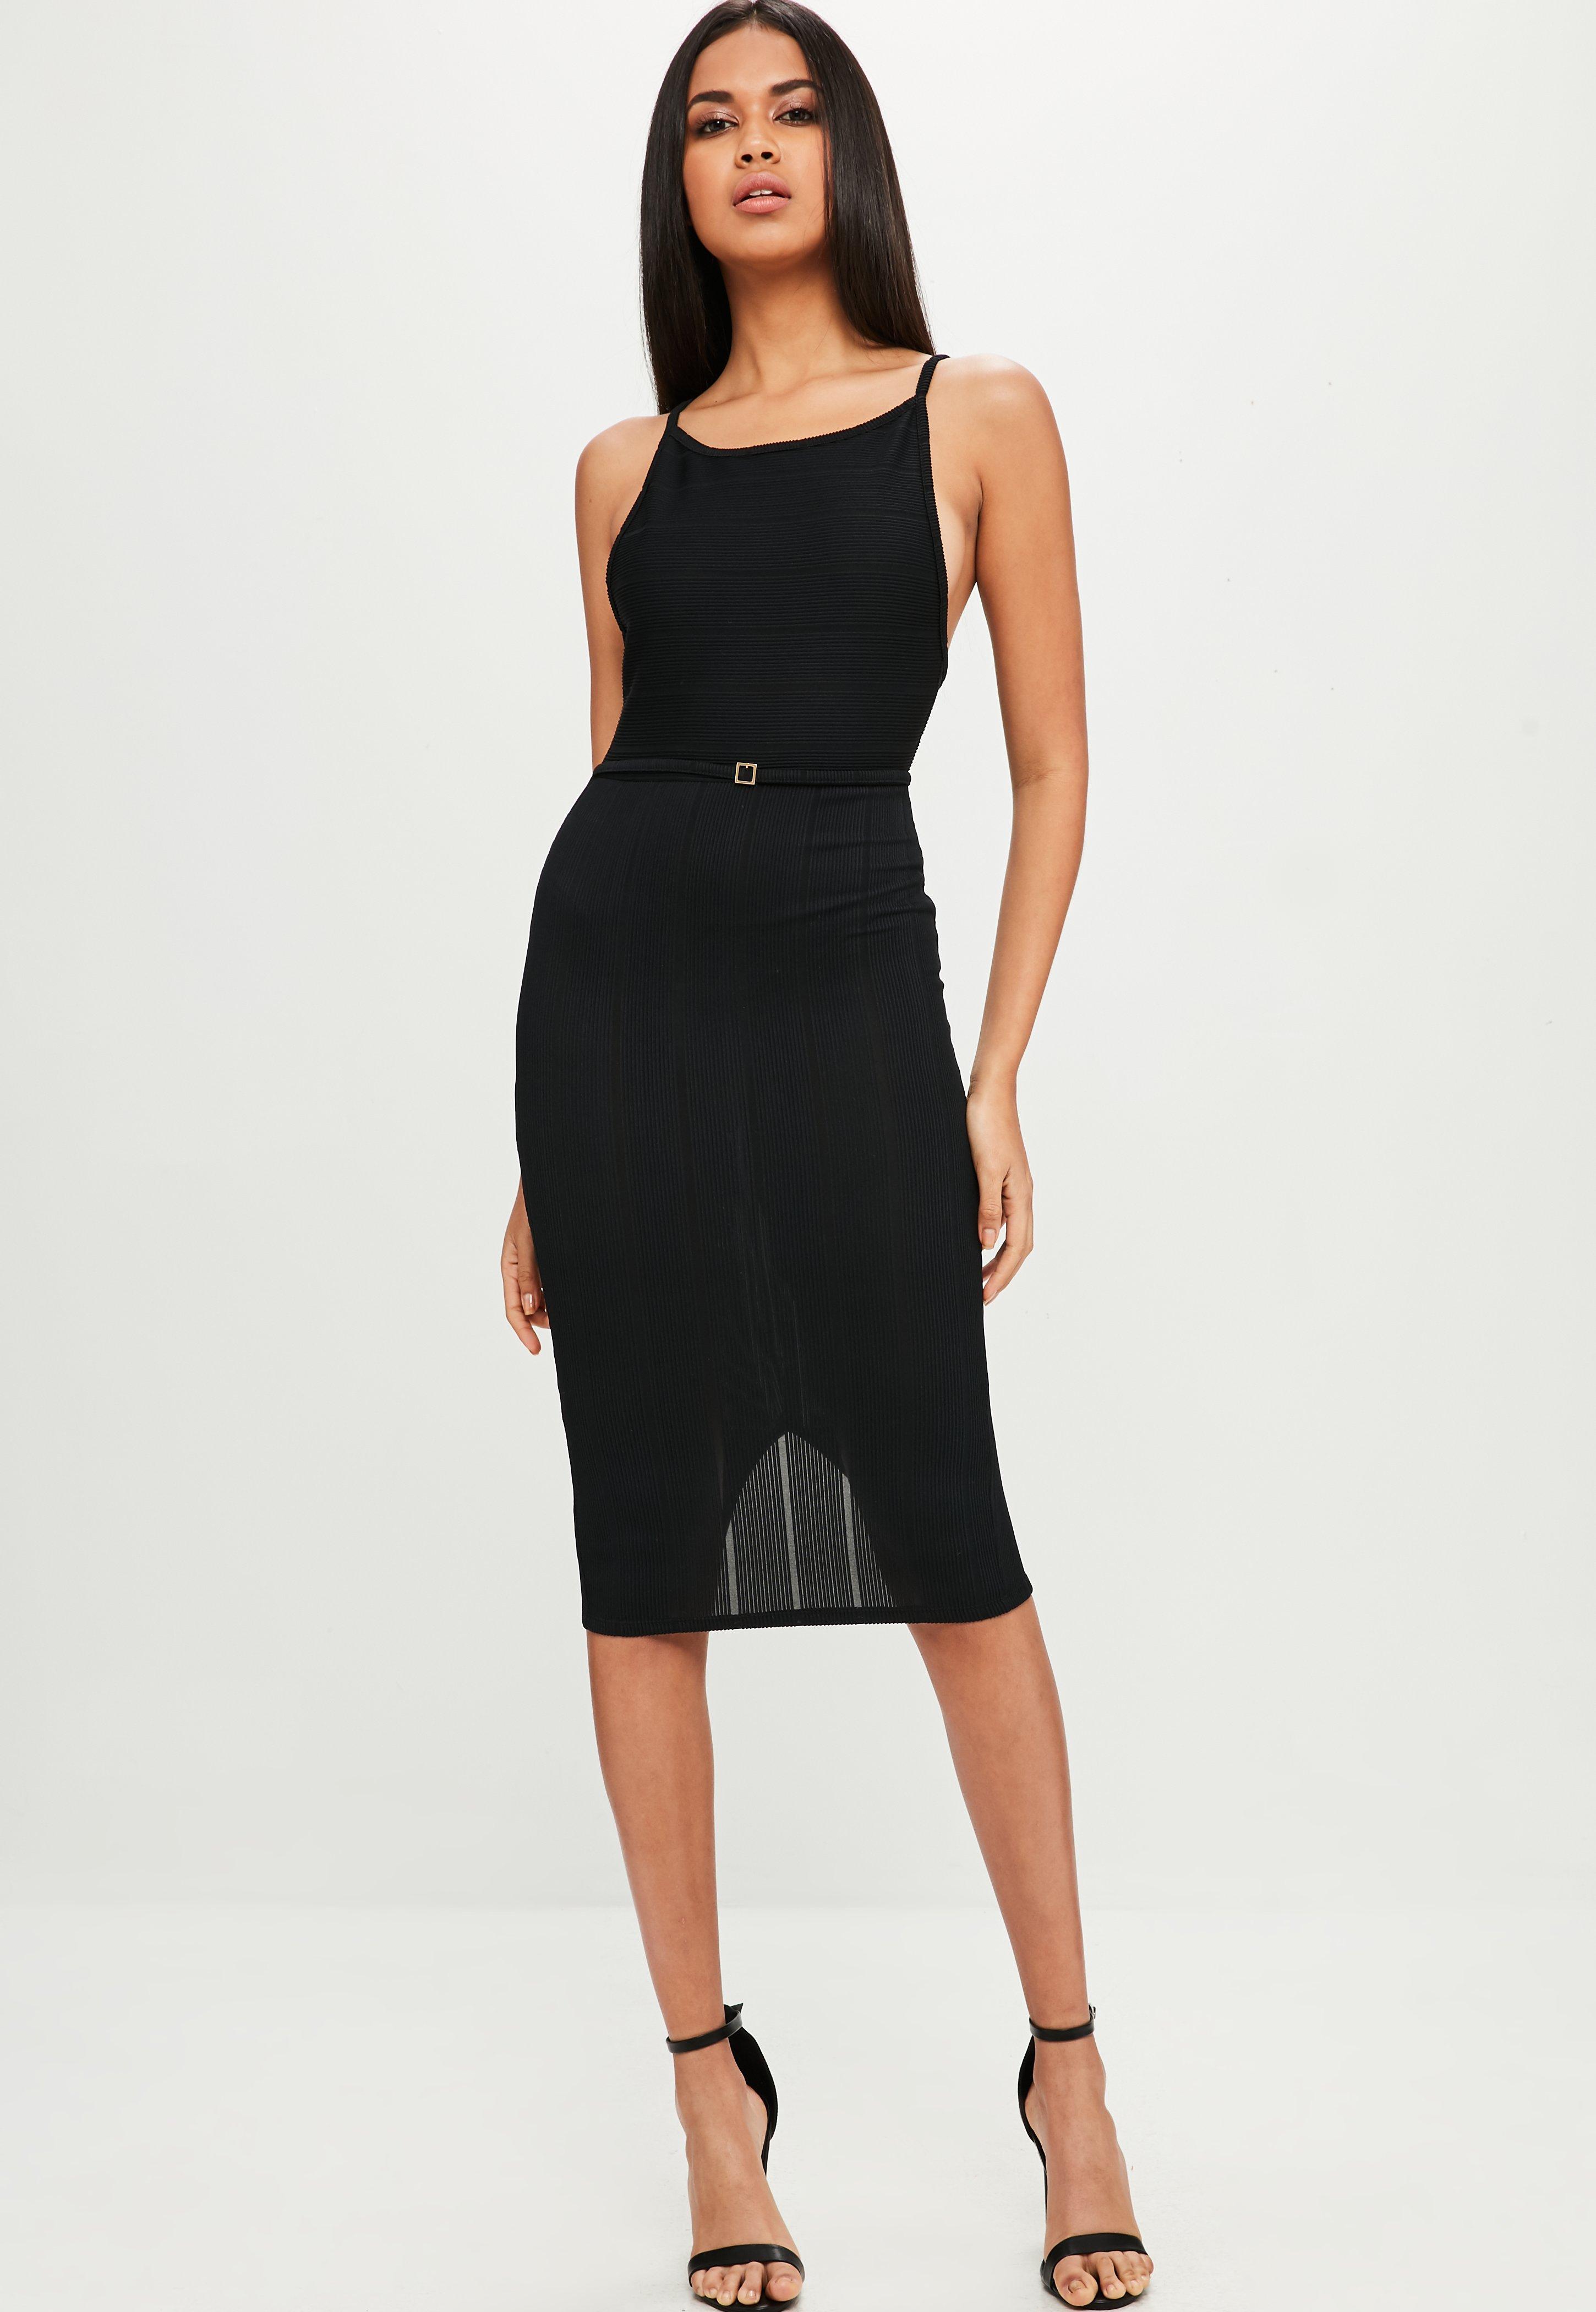 Black bodycon midi dress uk vs usa